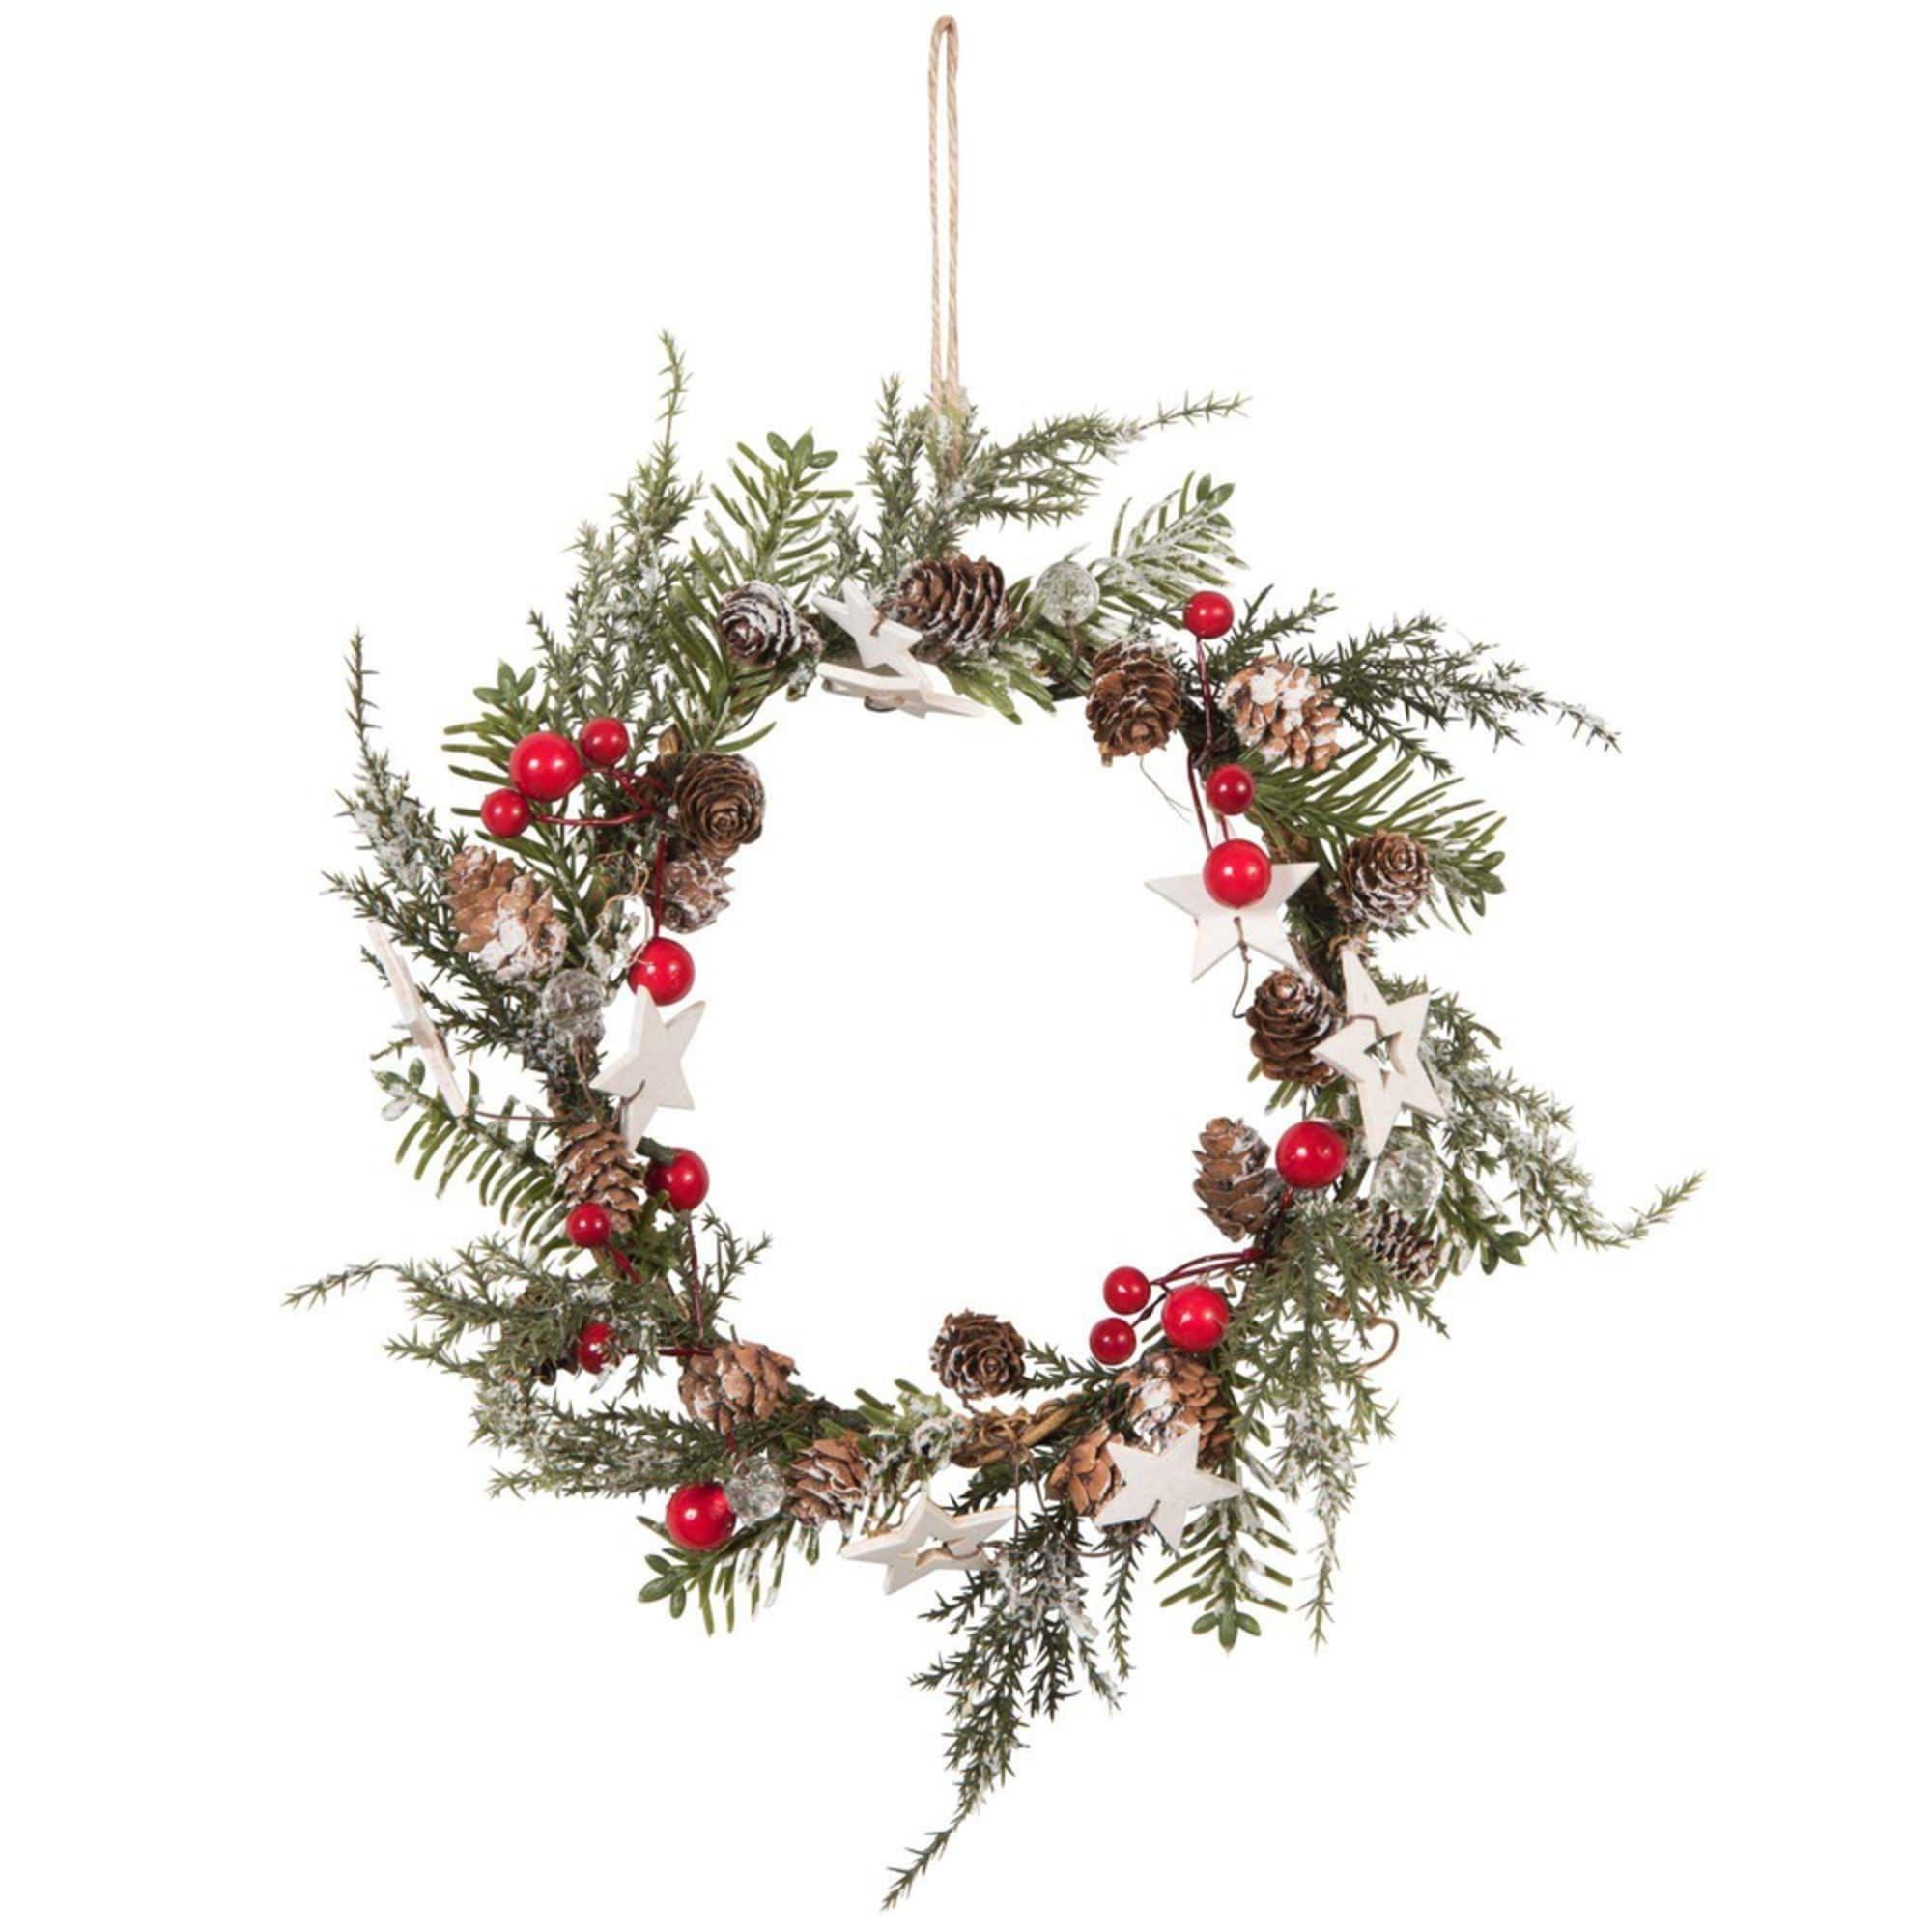 Corona de Navidad con detalles de piñas, estrellas y frutos rojos